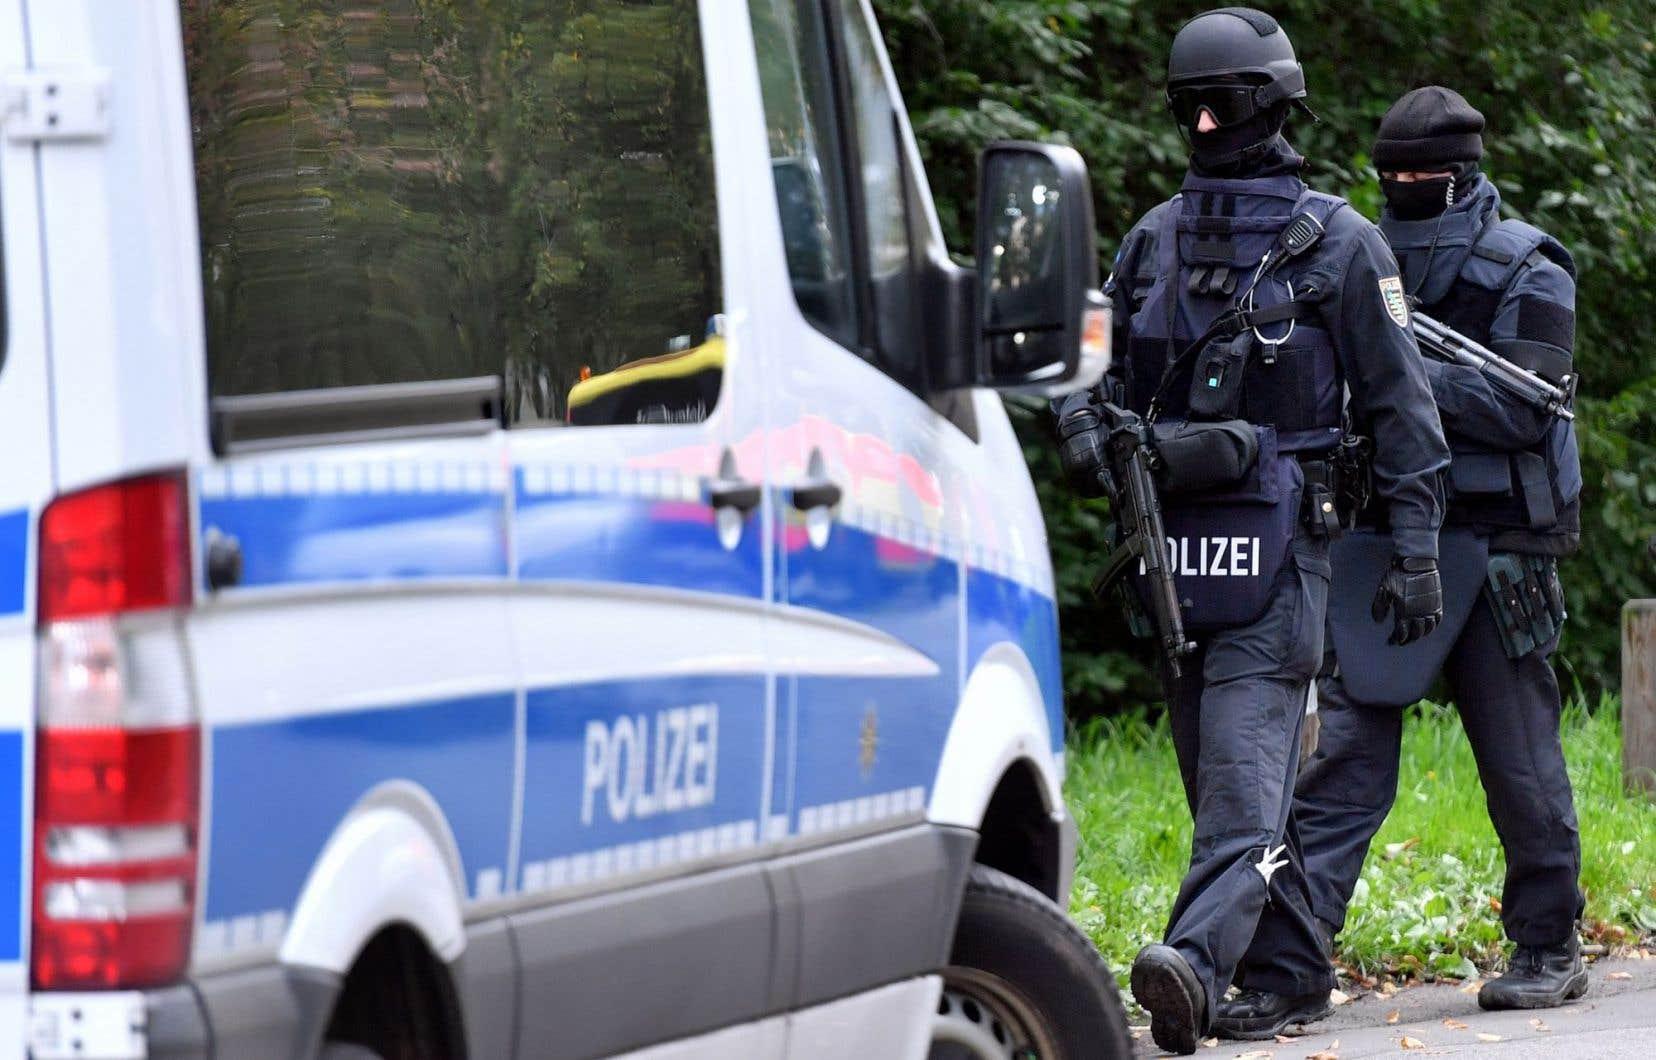 La police a interpellé le fugitif dans la nuit après une chasse à l'homme de 48 heures.